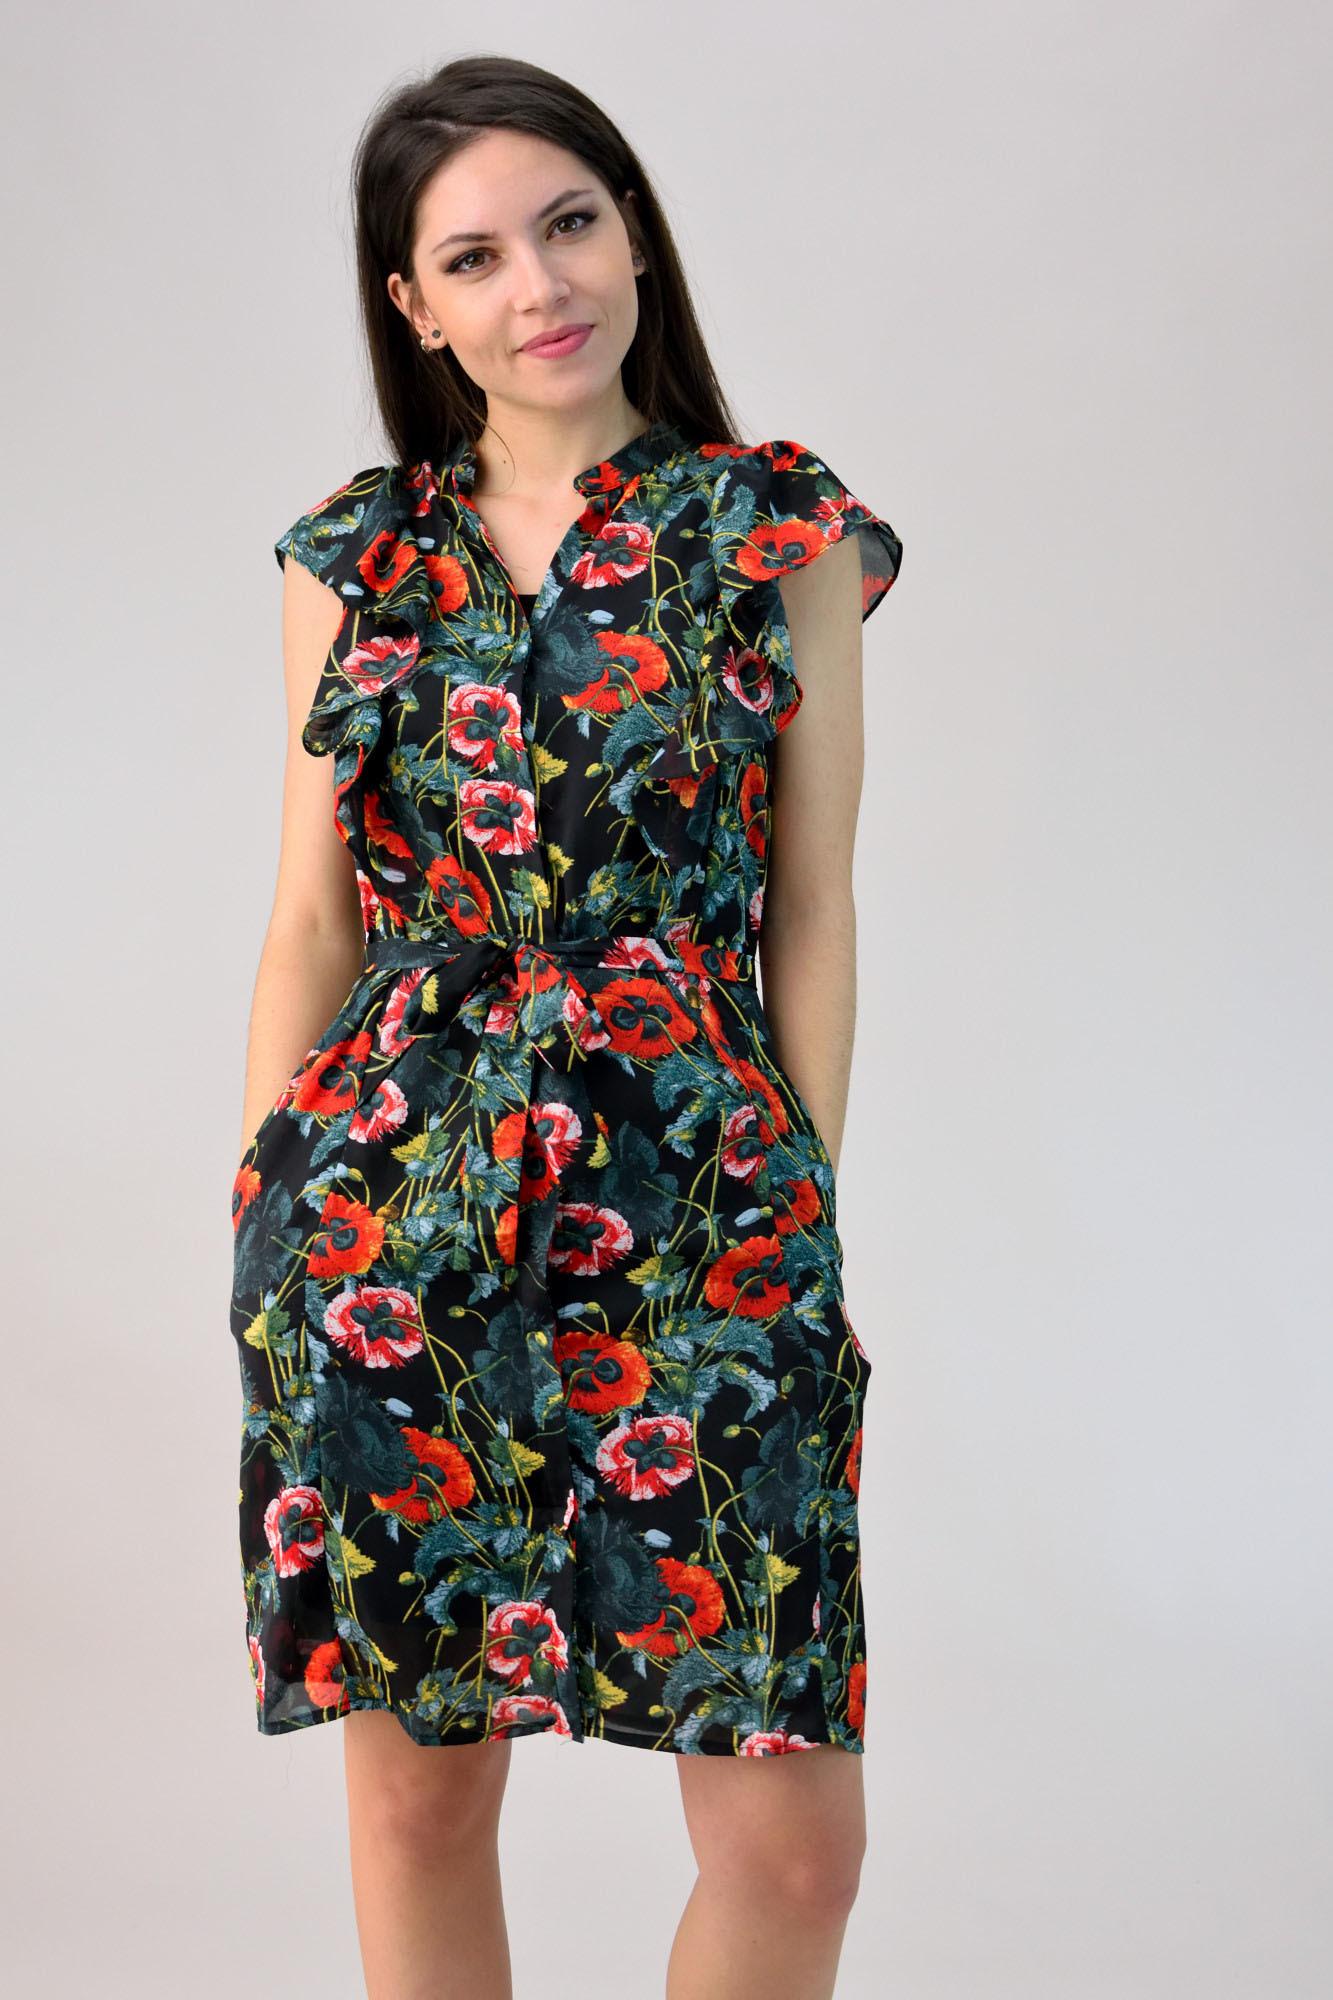 bd8881747b4b Φόρεμα floral με βολάν